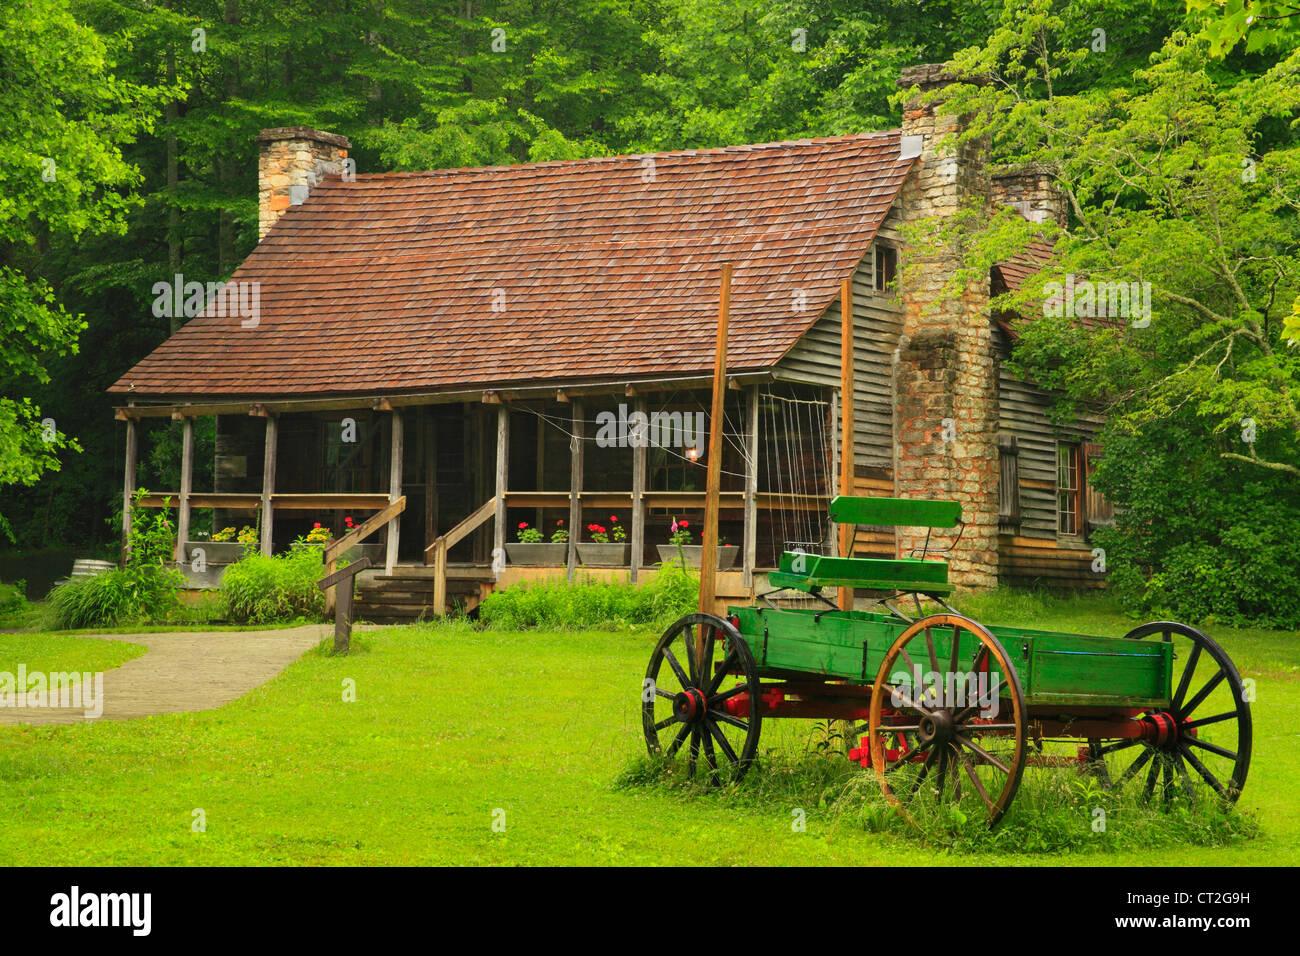 Biltmore Forest School de berceau de la foresterie, Brevard, North Carolina, États-Unis Photo Stock